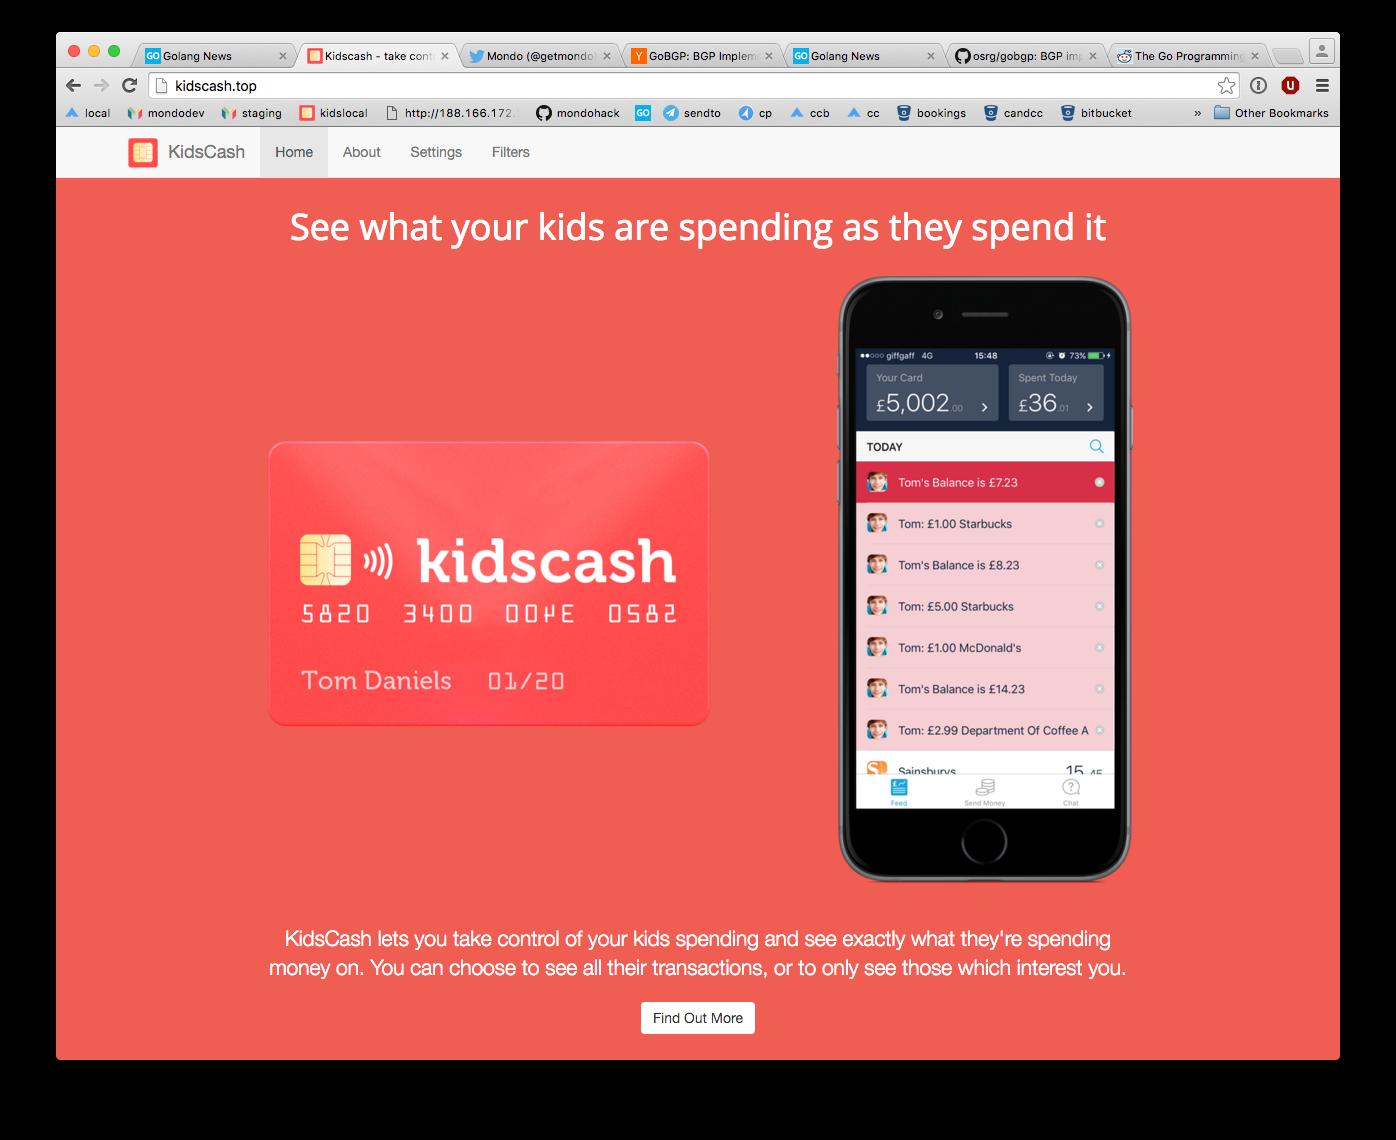 Kids Cash